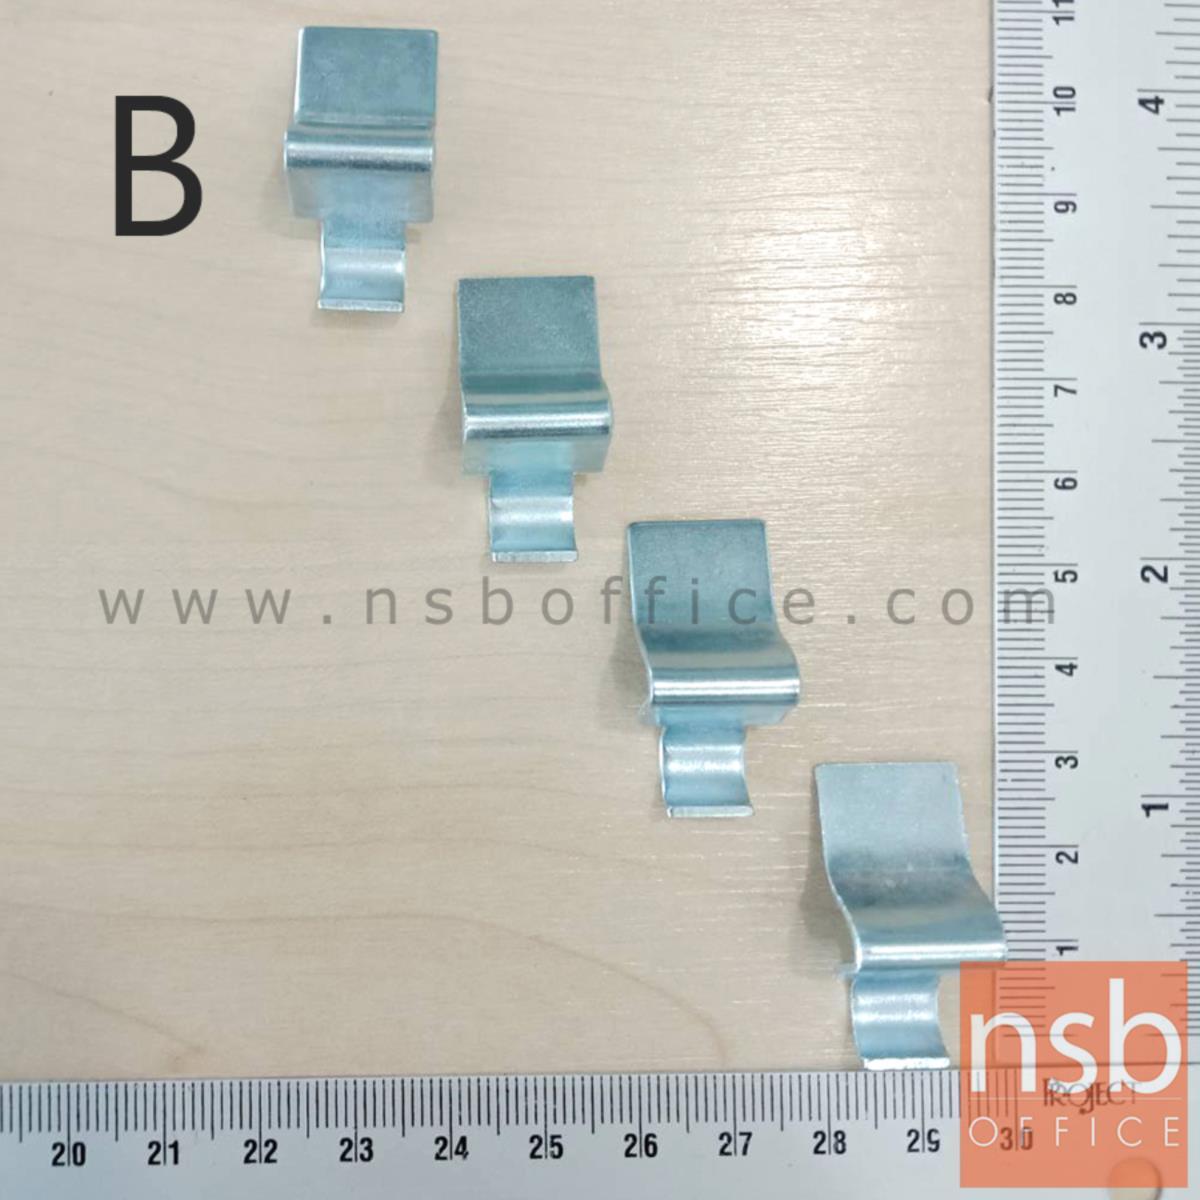 E01A010:ตะขอเกี่ยวแผ่นชั้น รุ่น B ชุดละ 4 ชิ้น